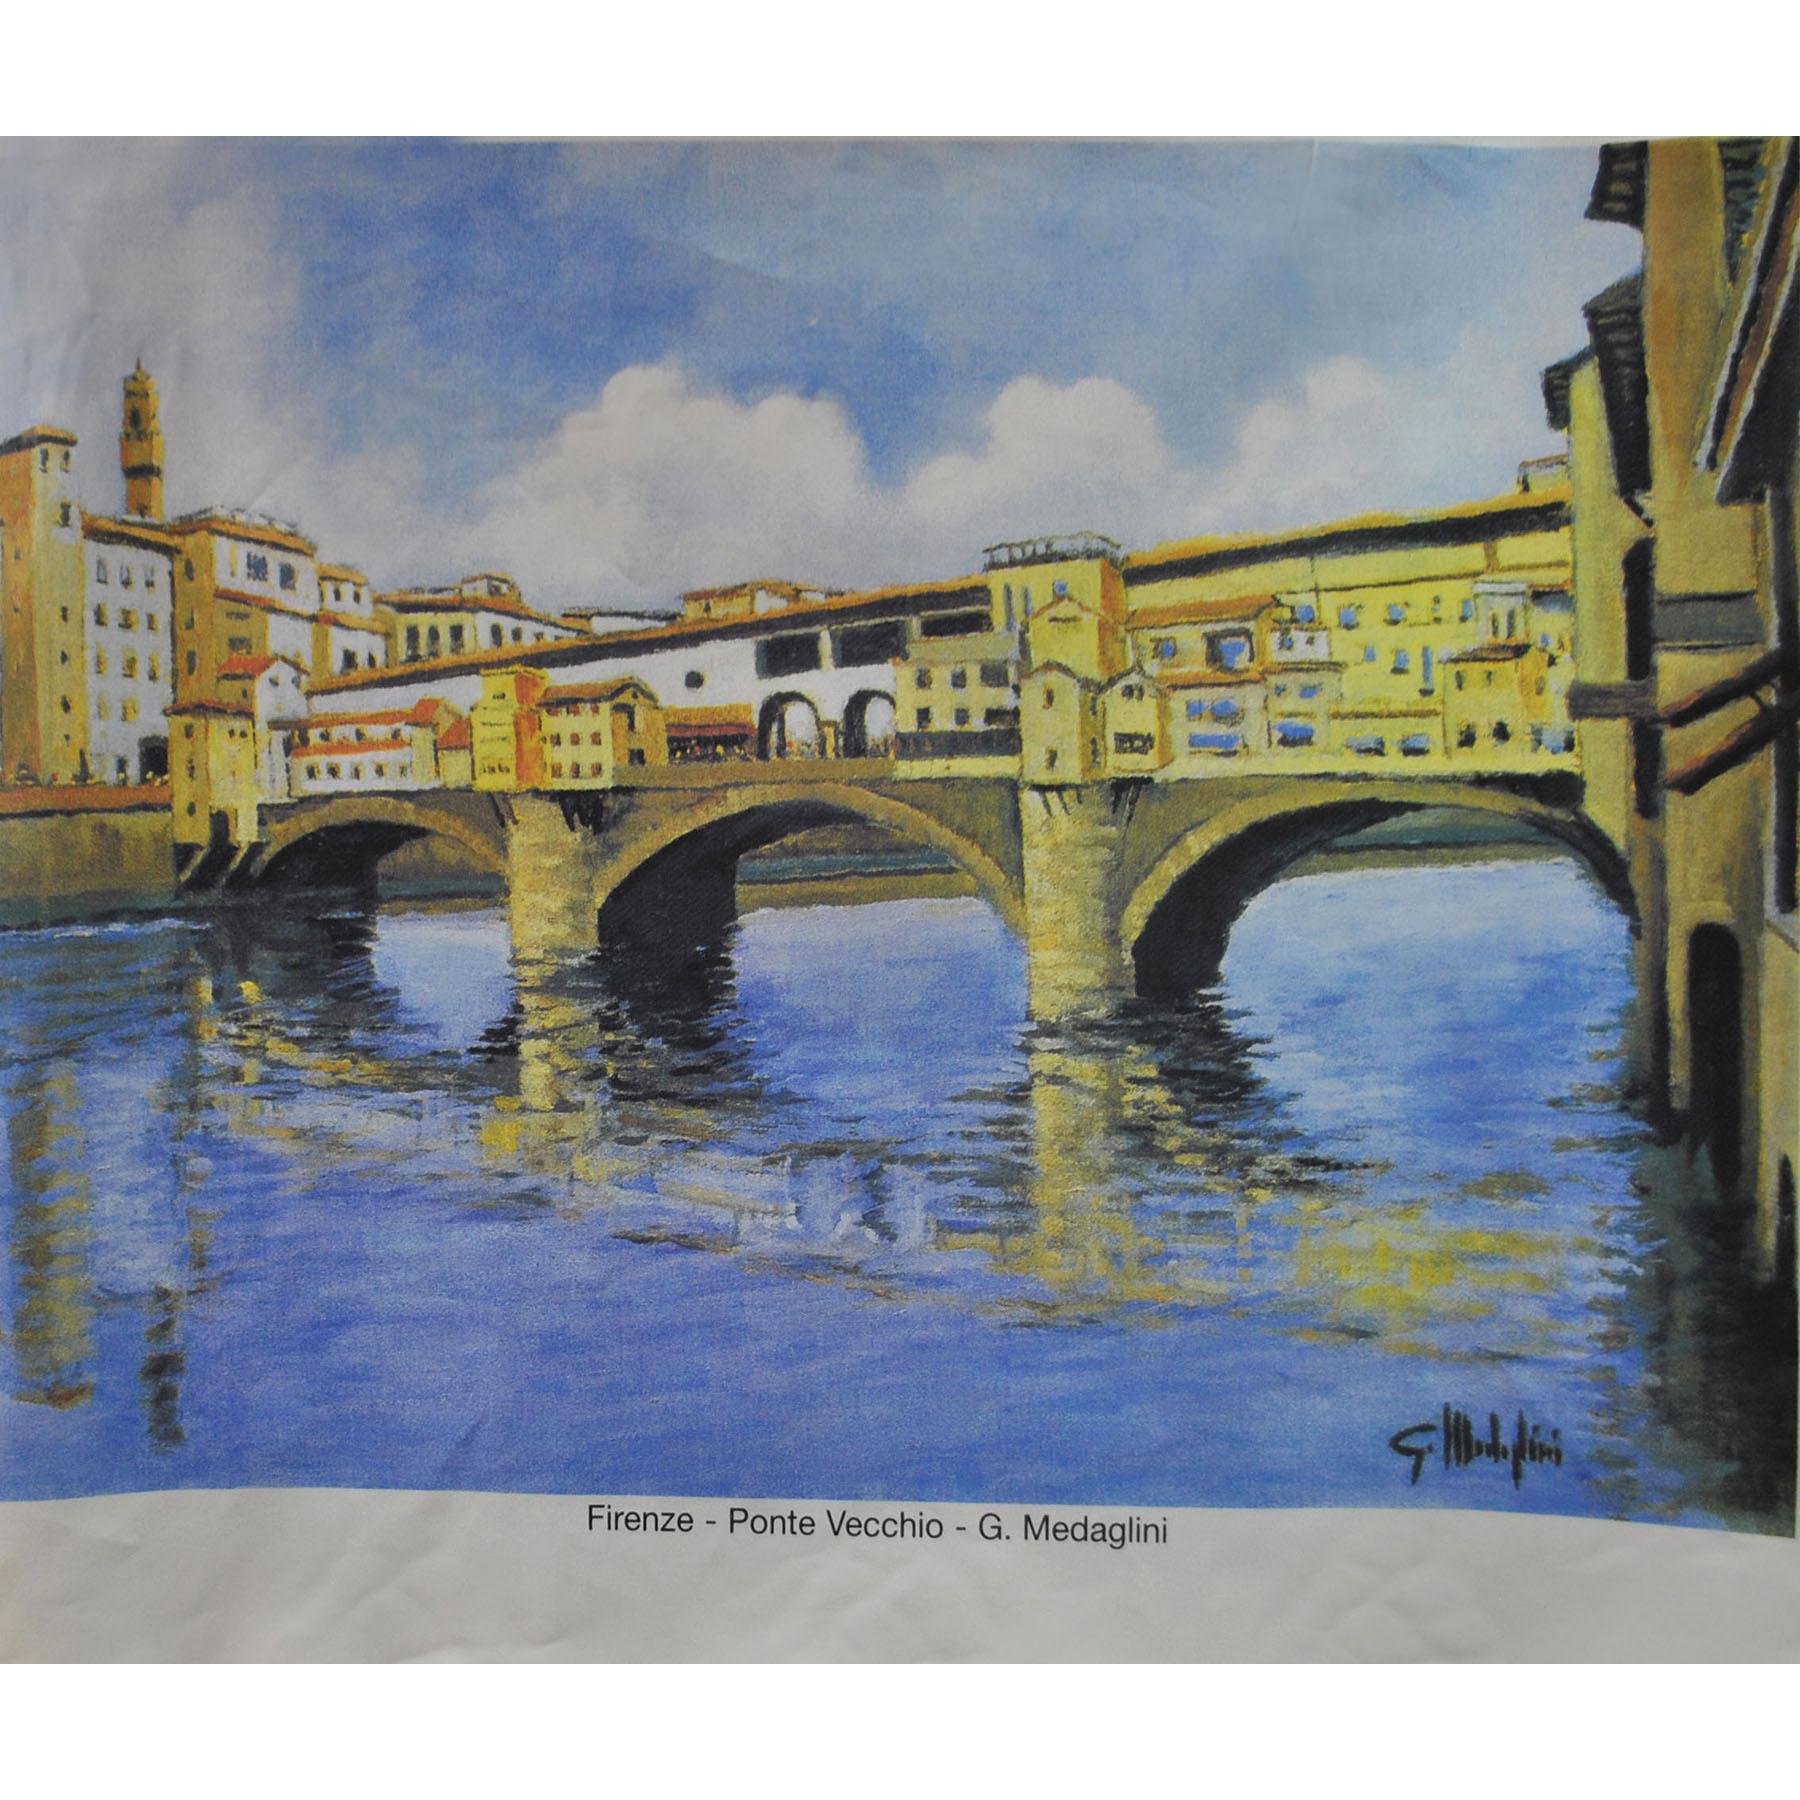 Maler Panneaux 63,5 x 84 cm   G. Medaglini - Florenz - Ponte Vecchio